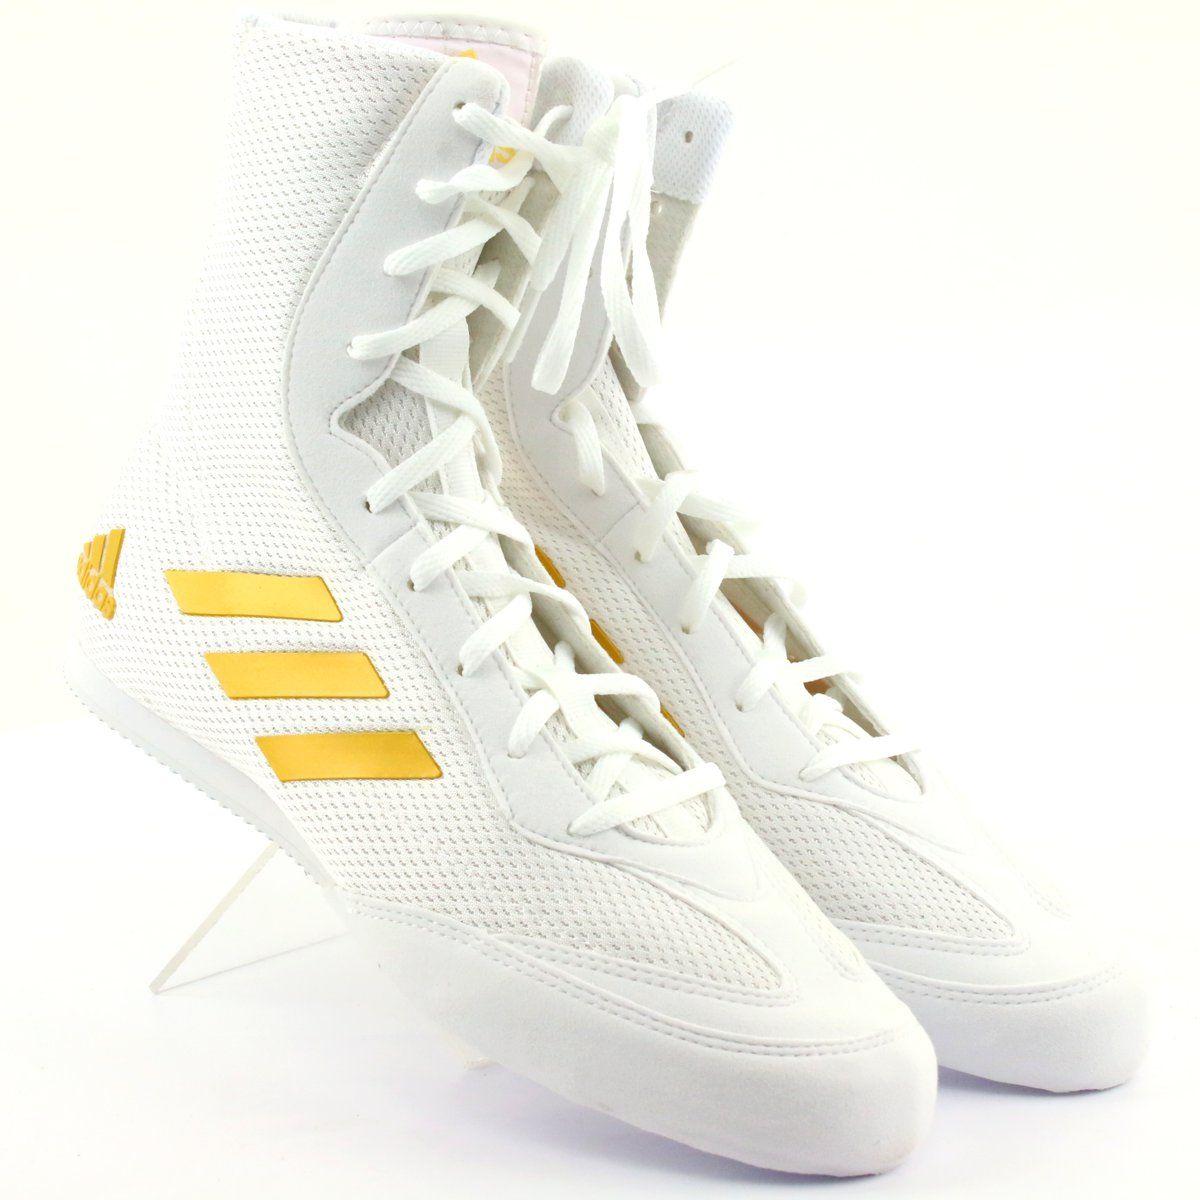 Buty Bokserskie Adidas Box Hog Plus Biale Adidas Sneakers Adidas Superstar Sneaker Sport Shoes